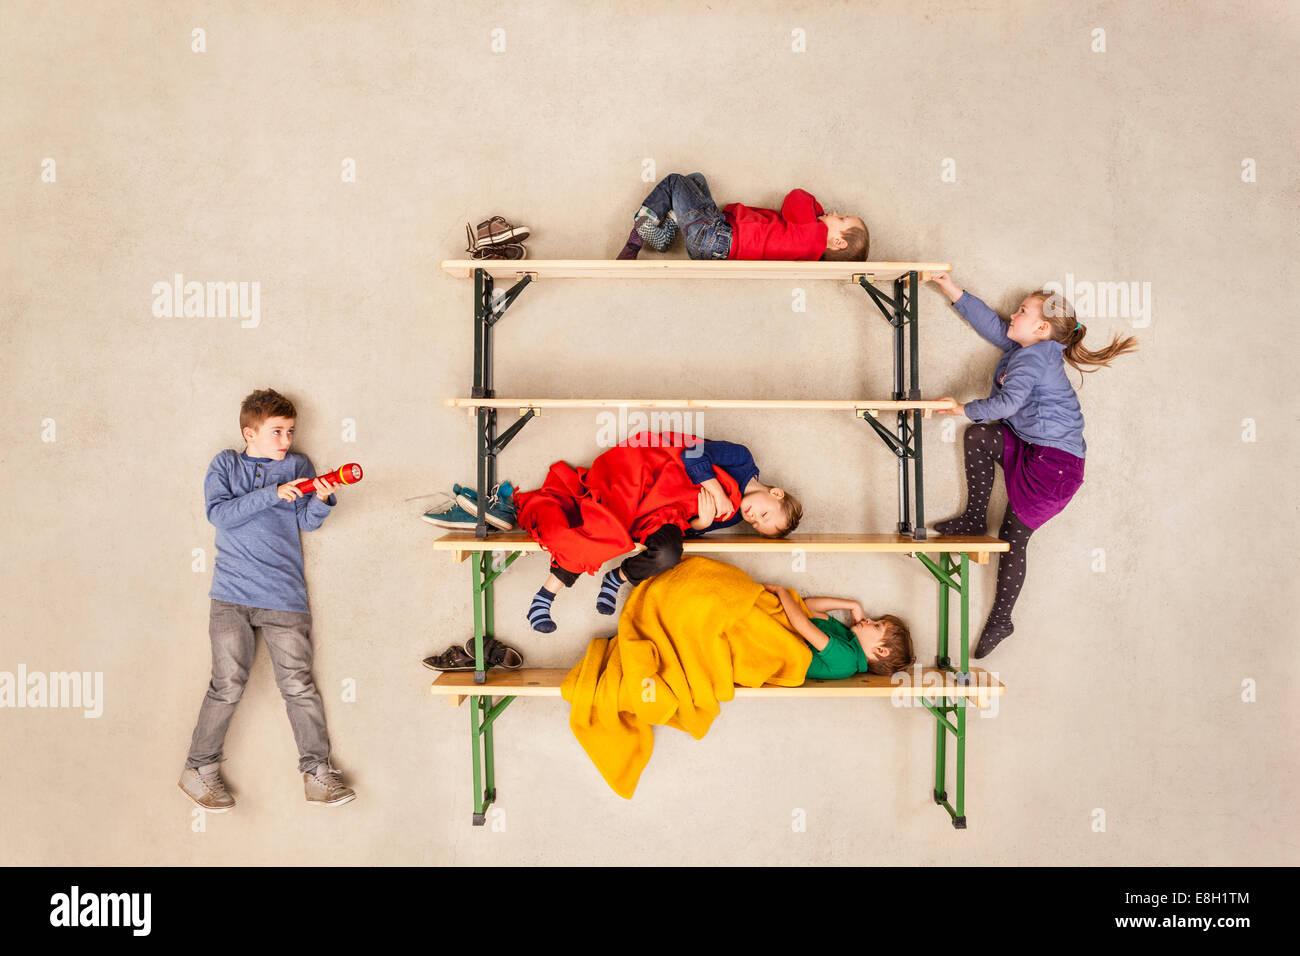 Etagenbett Kinder Bus : Kinder schlafen im etagenbett stockfoto bild  alamy